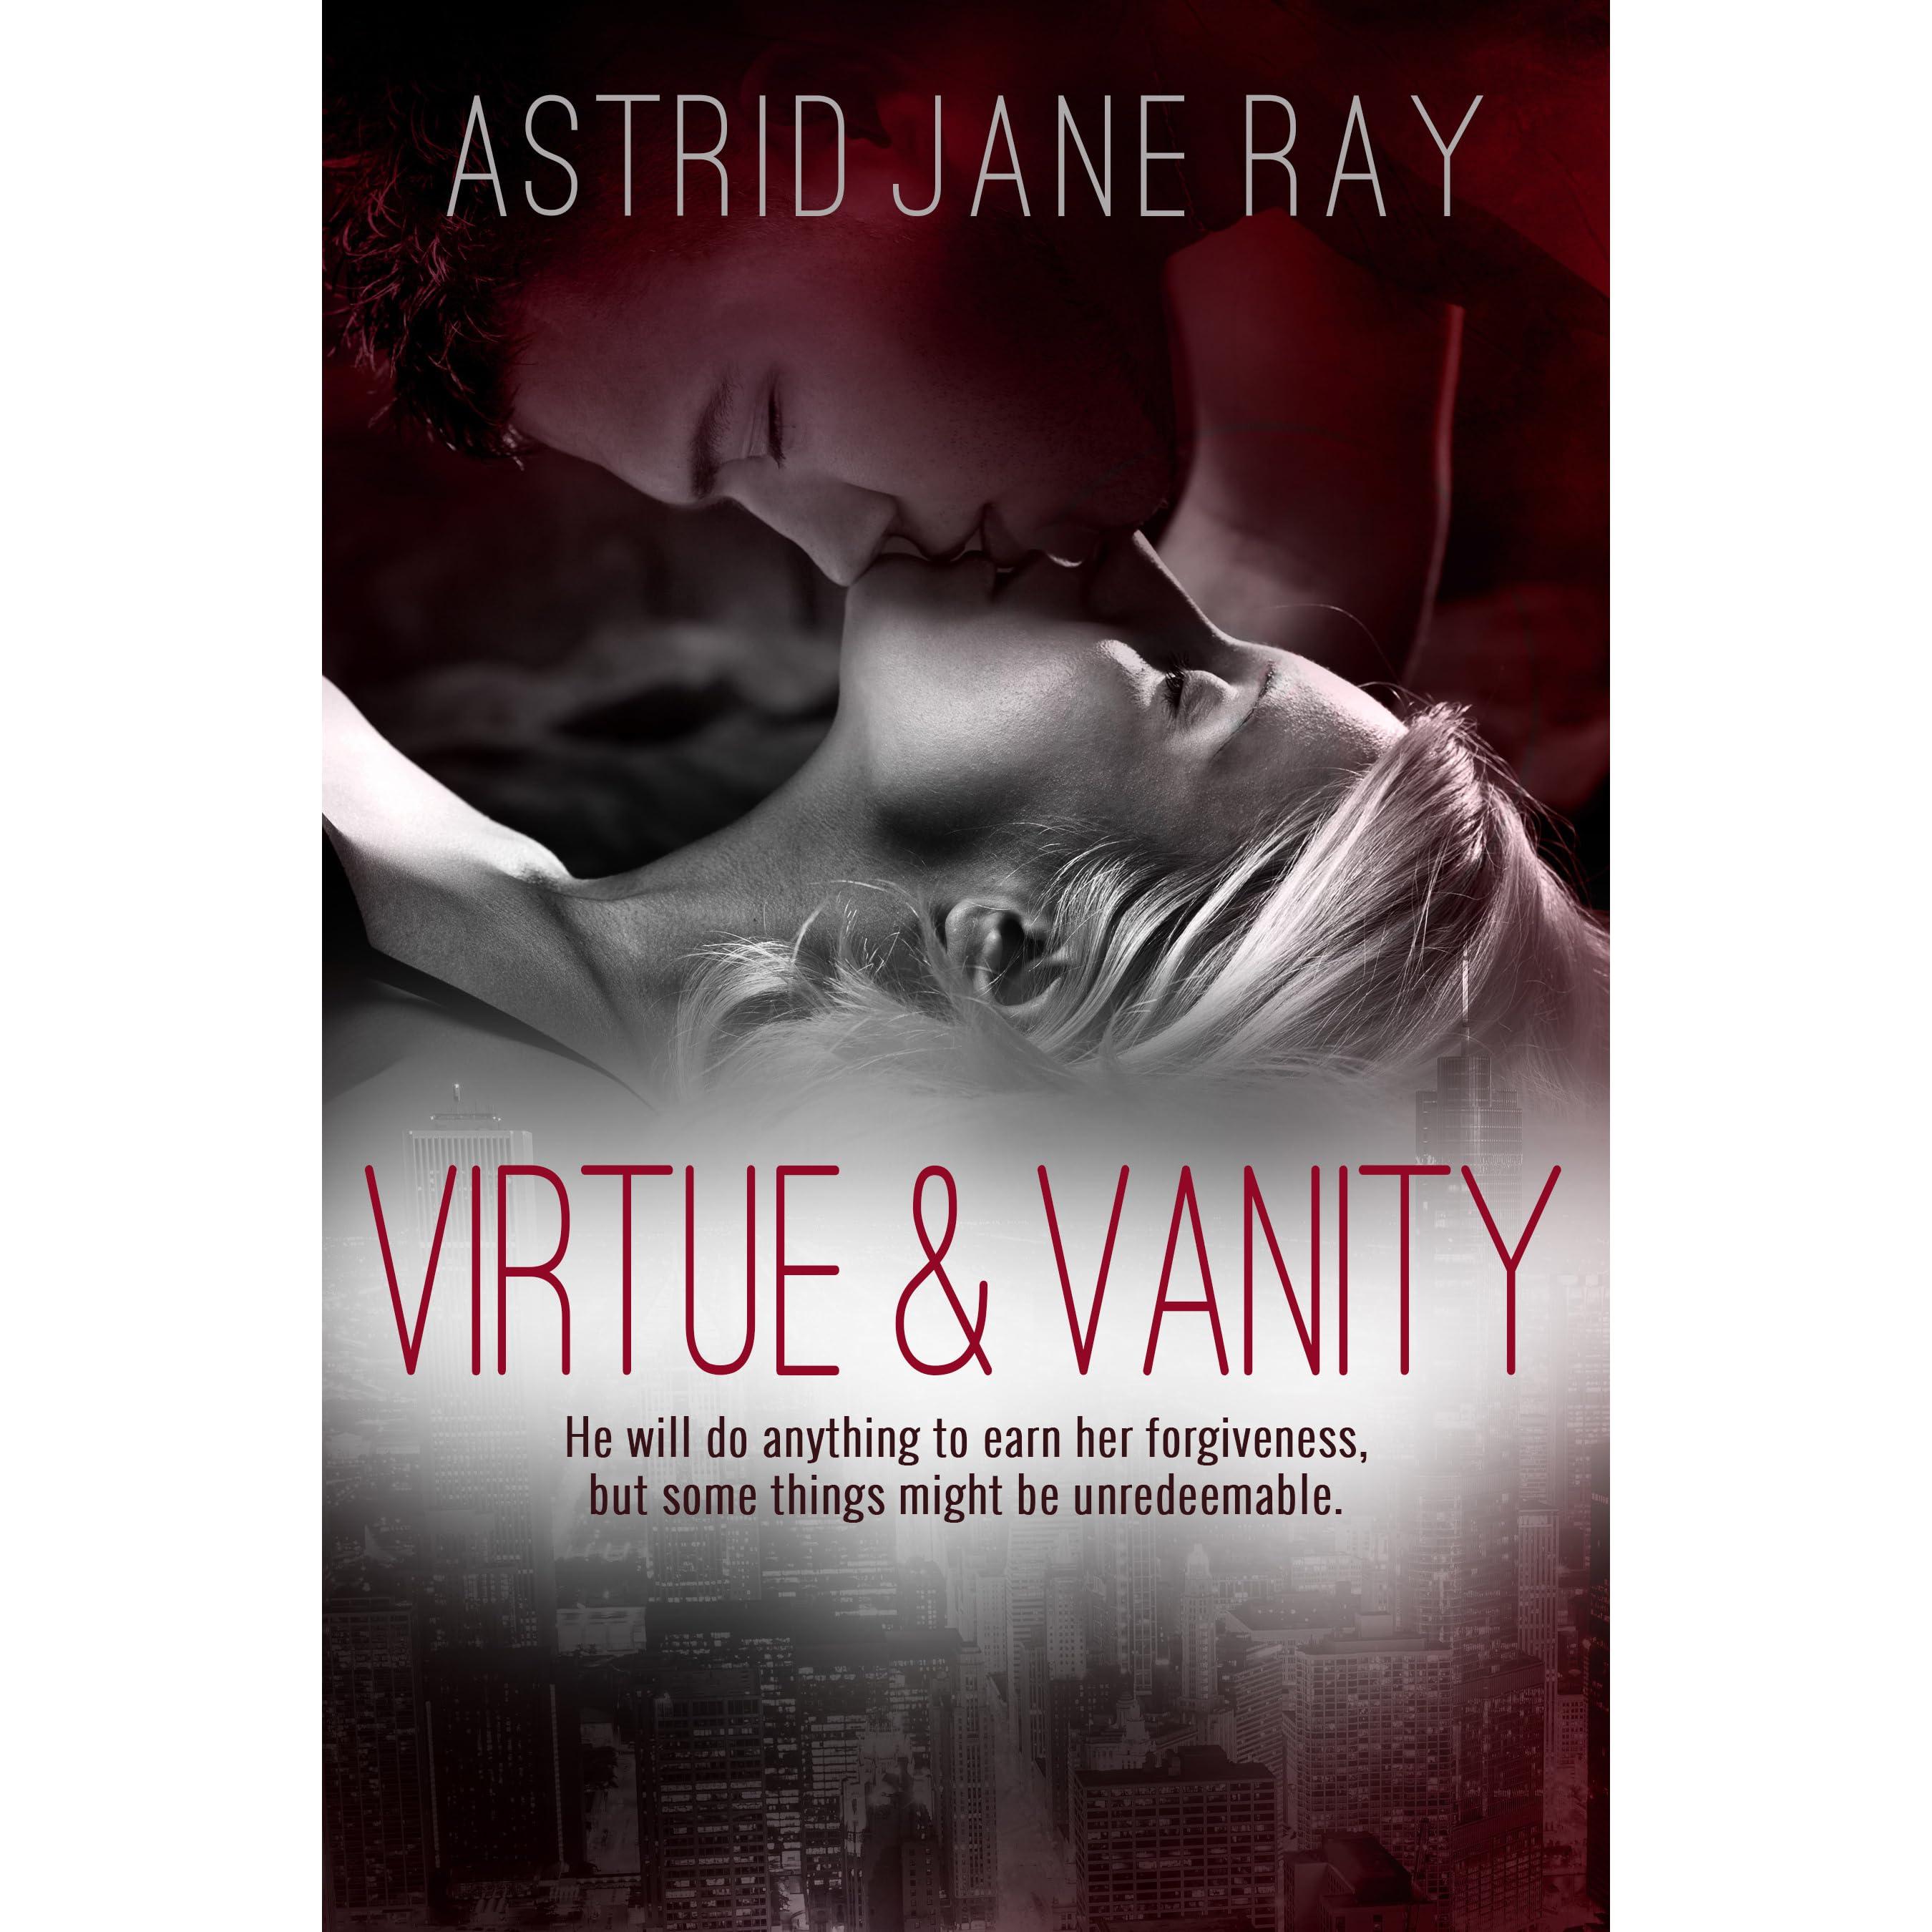 Virtue & Vanity by Astrid Jane Ray